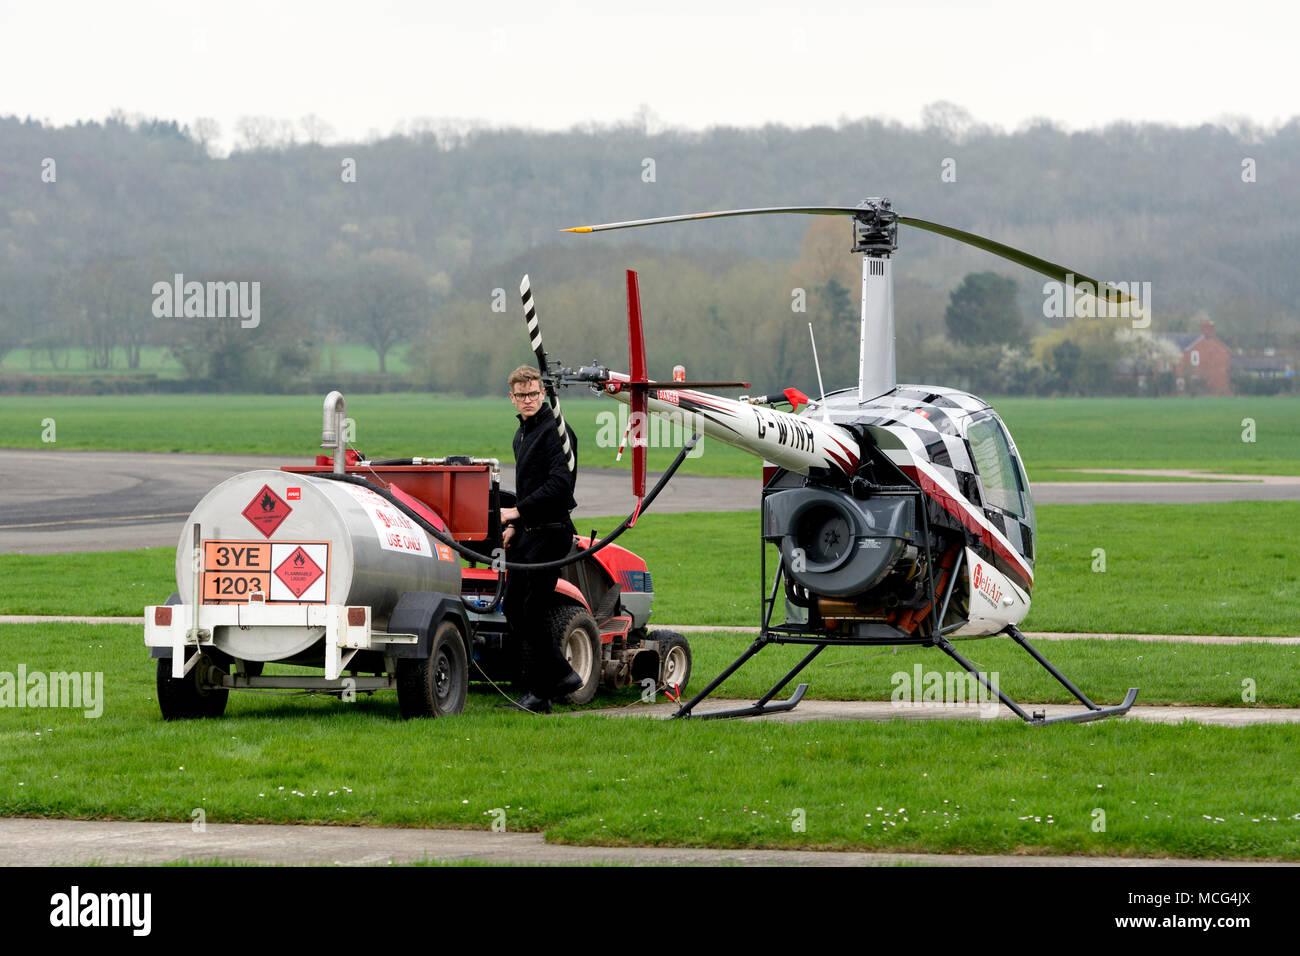 Elicottero R22 : Elicottero r in modalità hover foto royalty free immagini